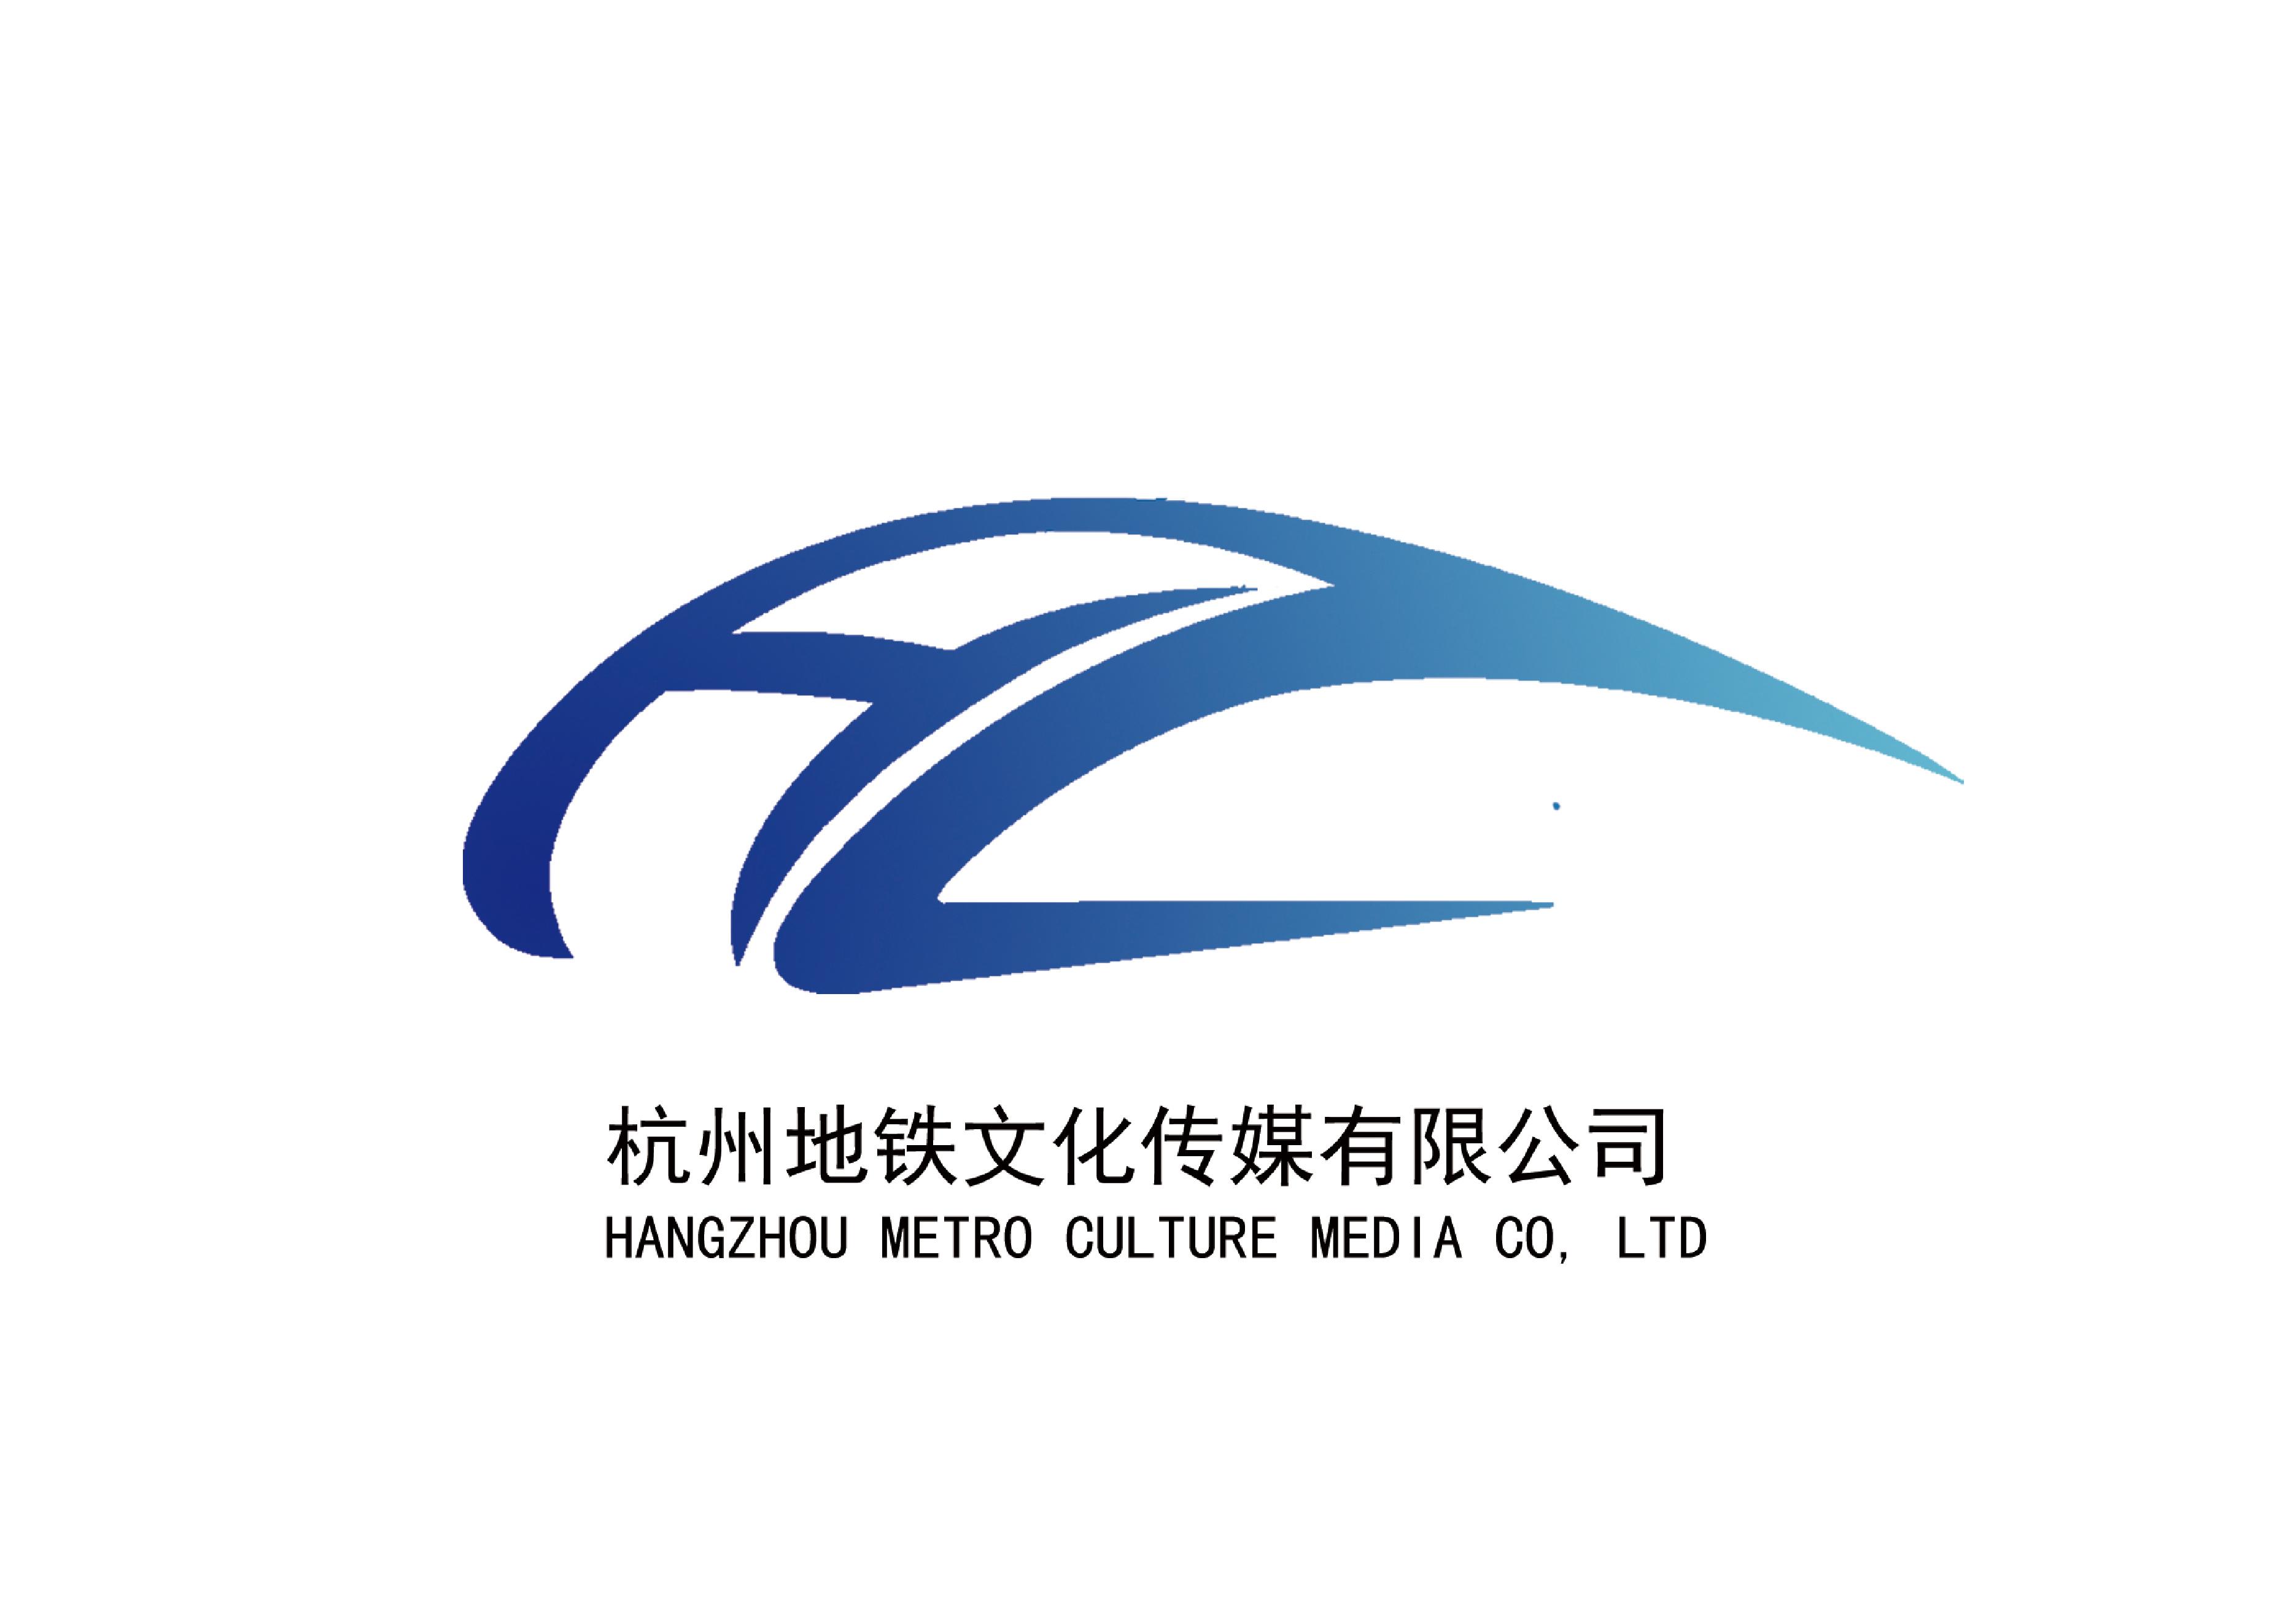 logo视觉传达设计 - 成都麦吖文化传媒有限公司